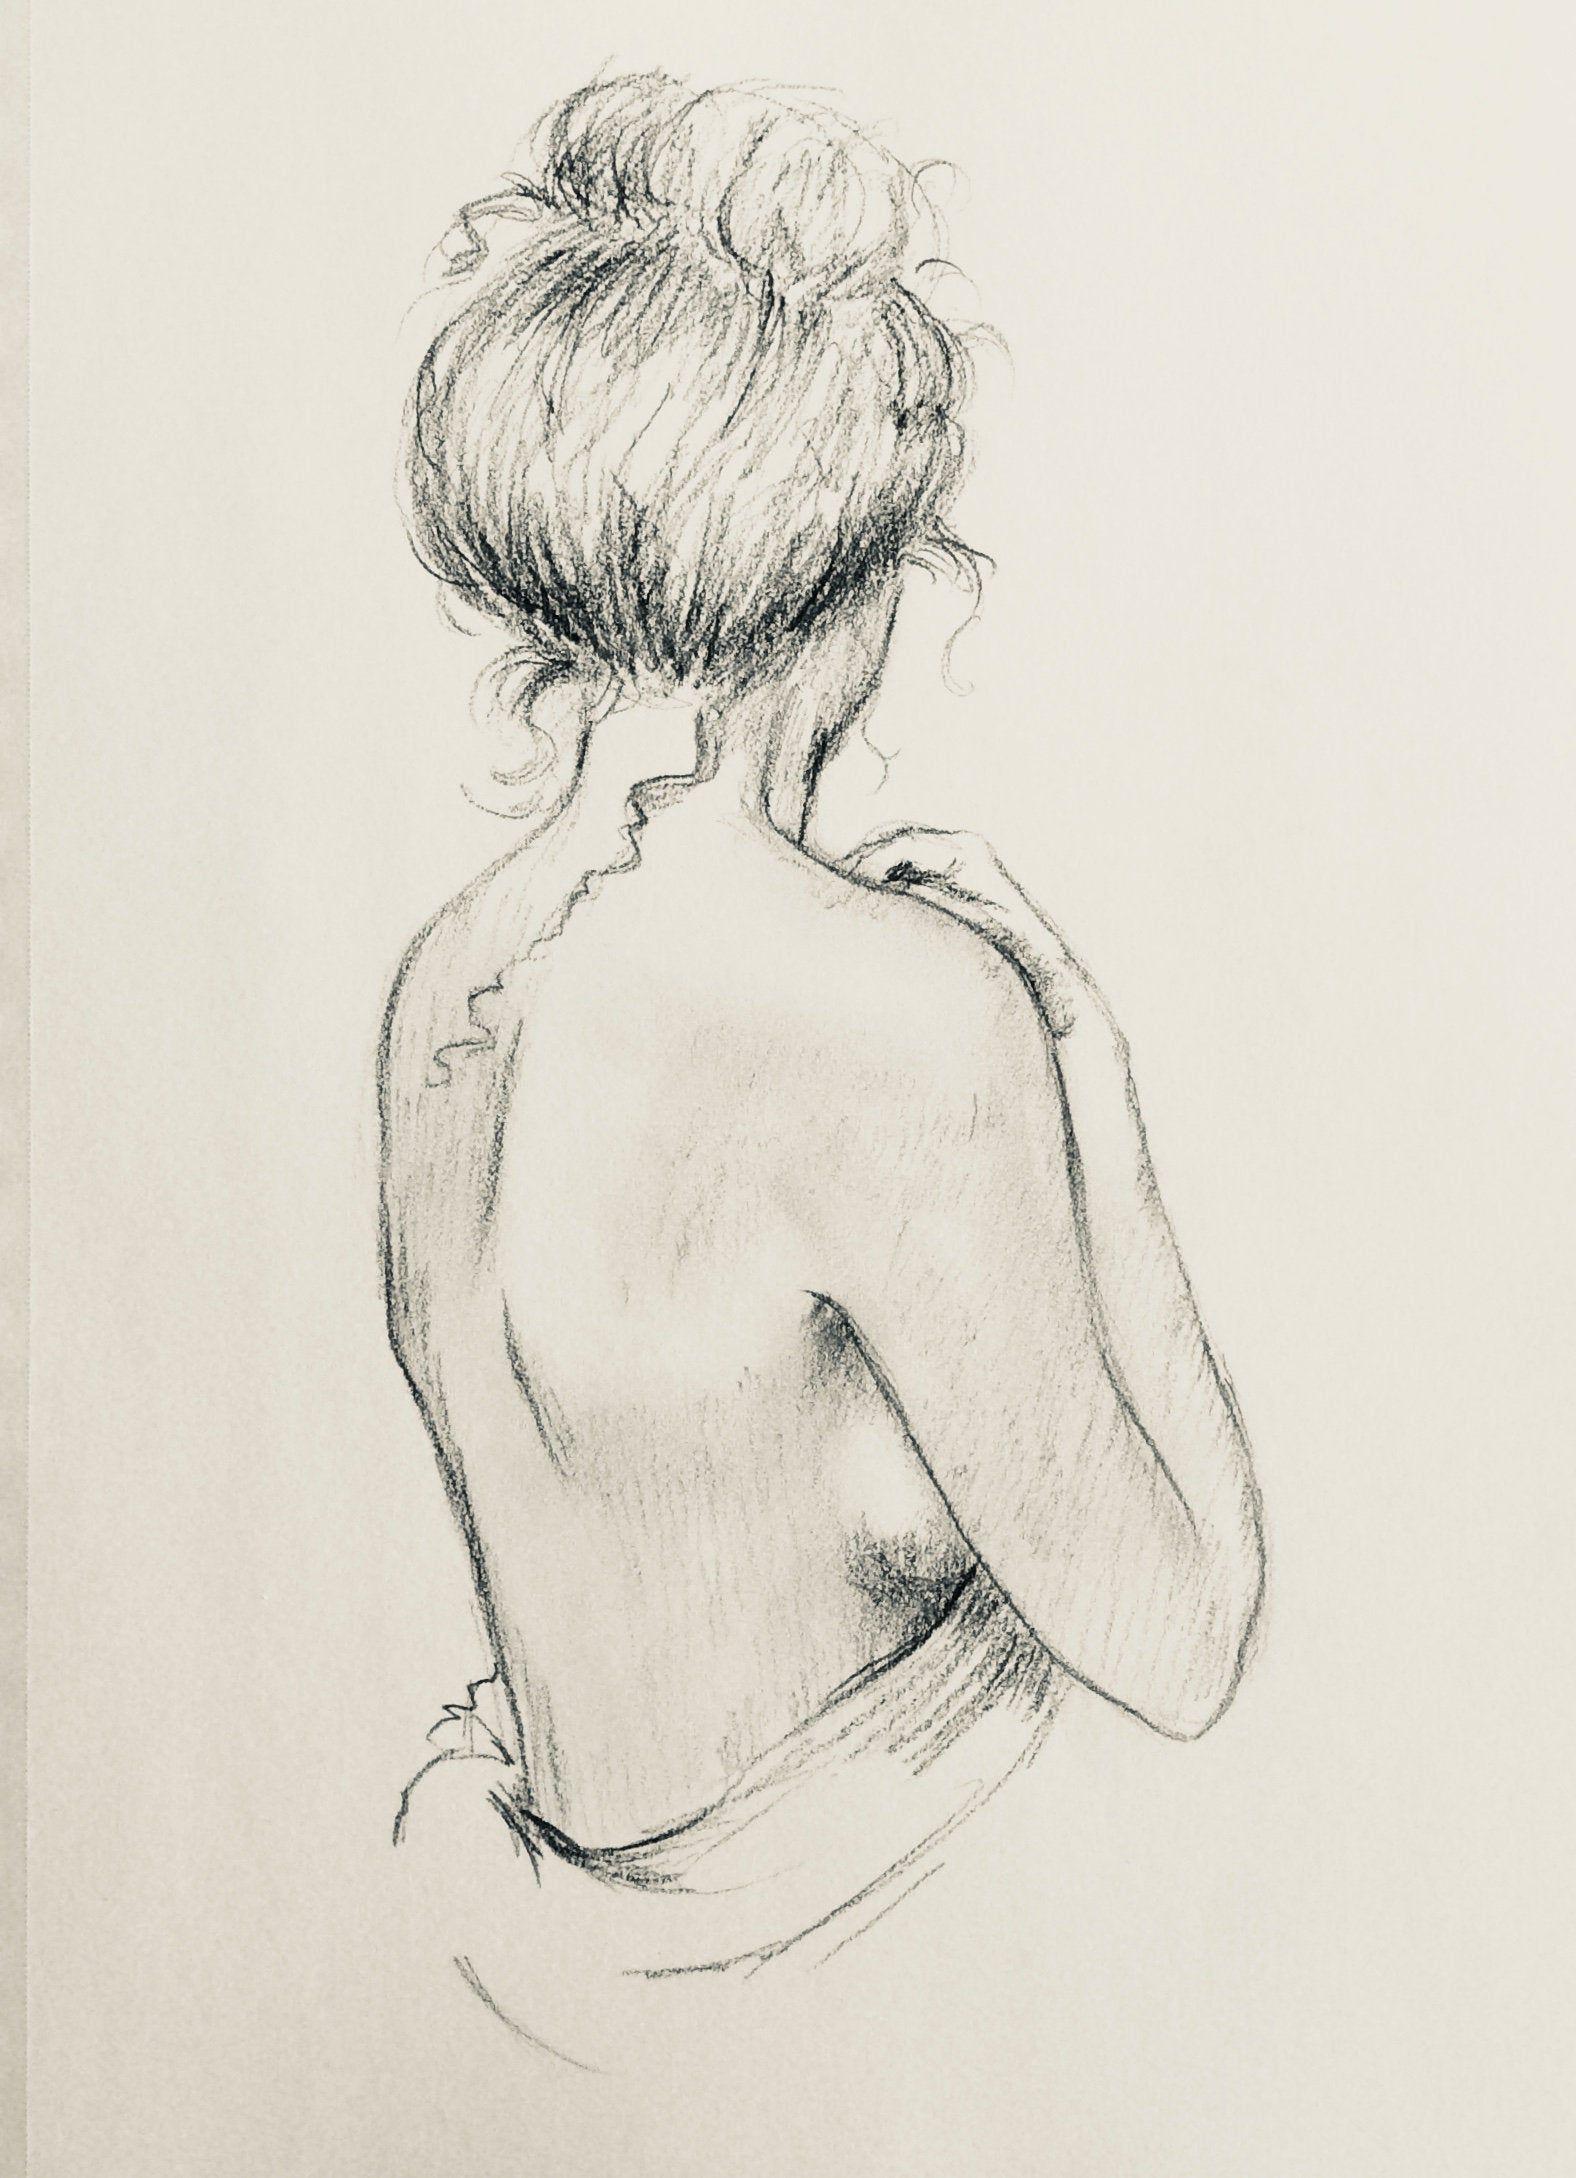 Nude Woman Print Drawing Figurative